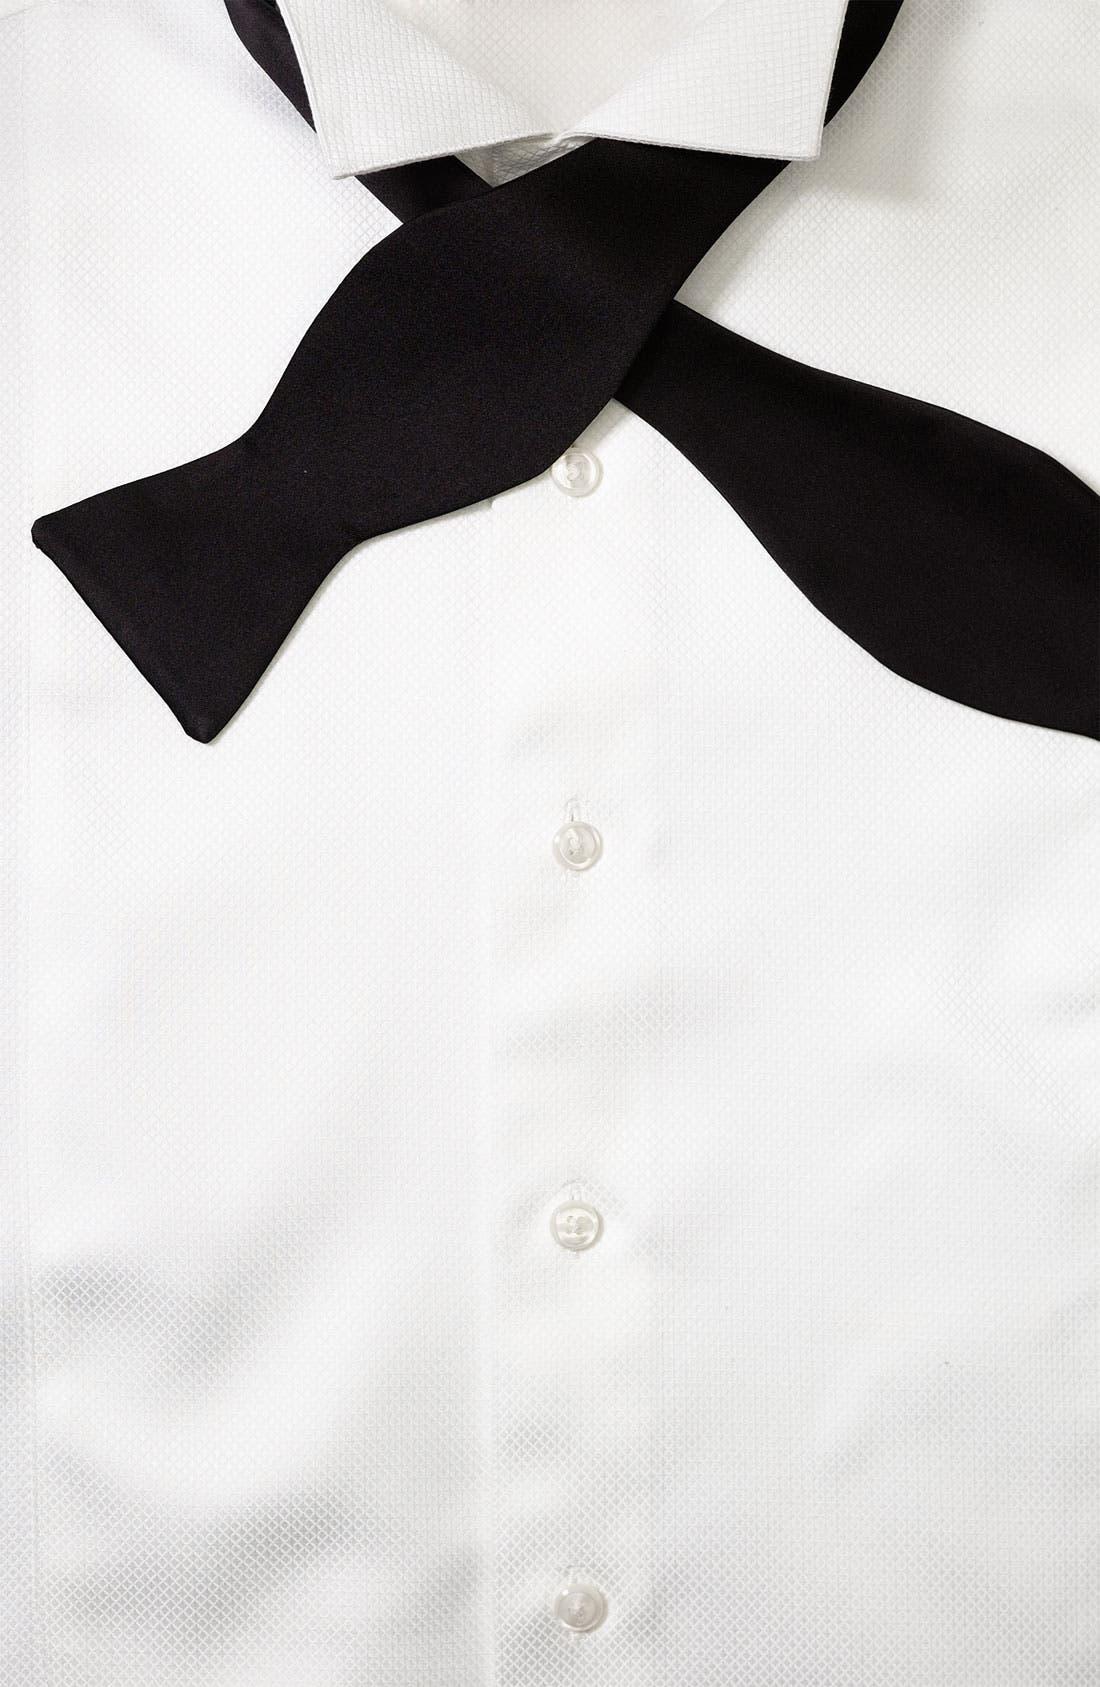 Main Image - David Donahue Bow Self-Tied Tie